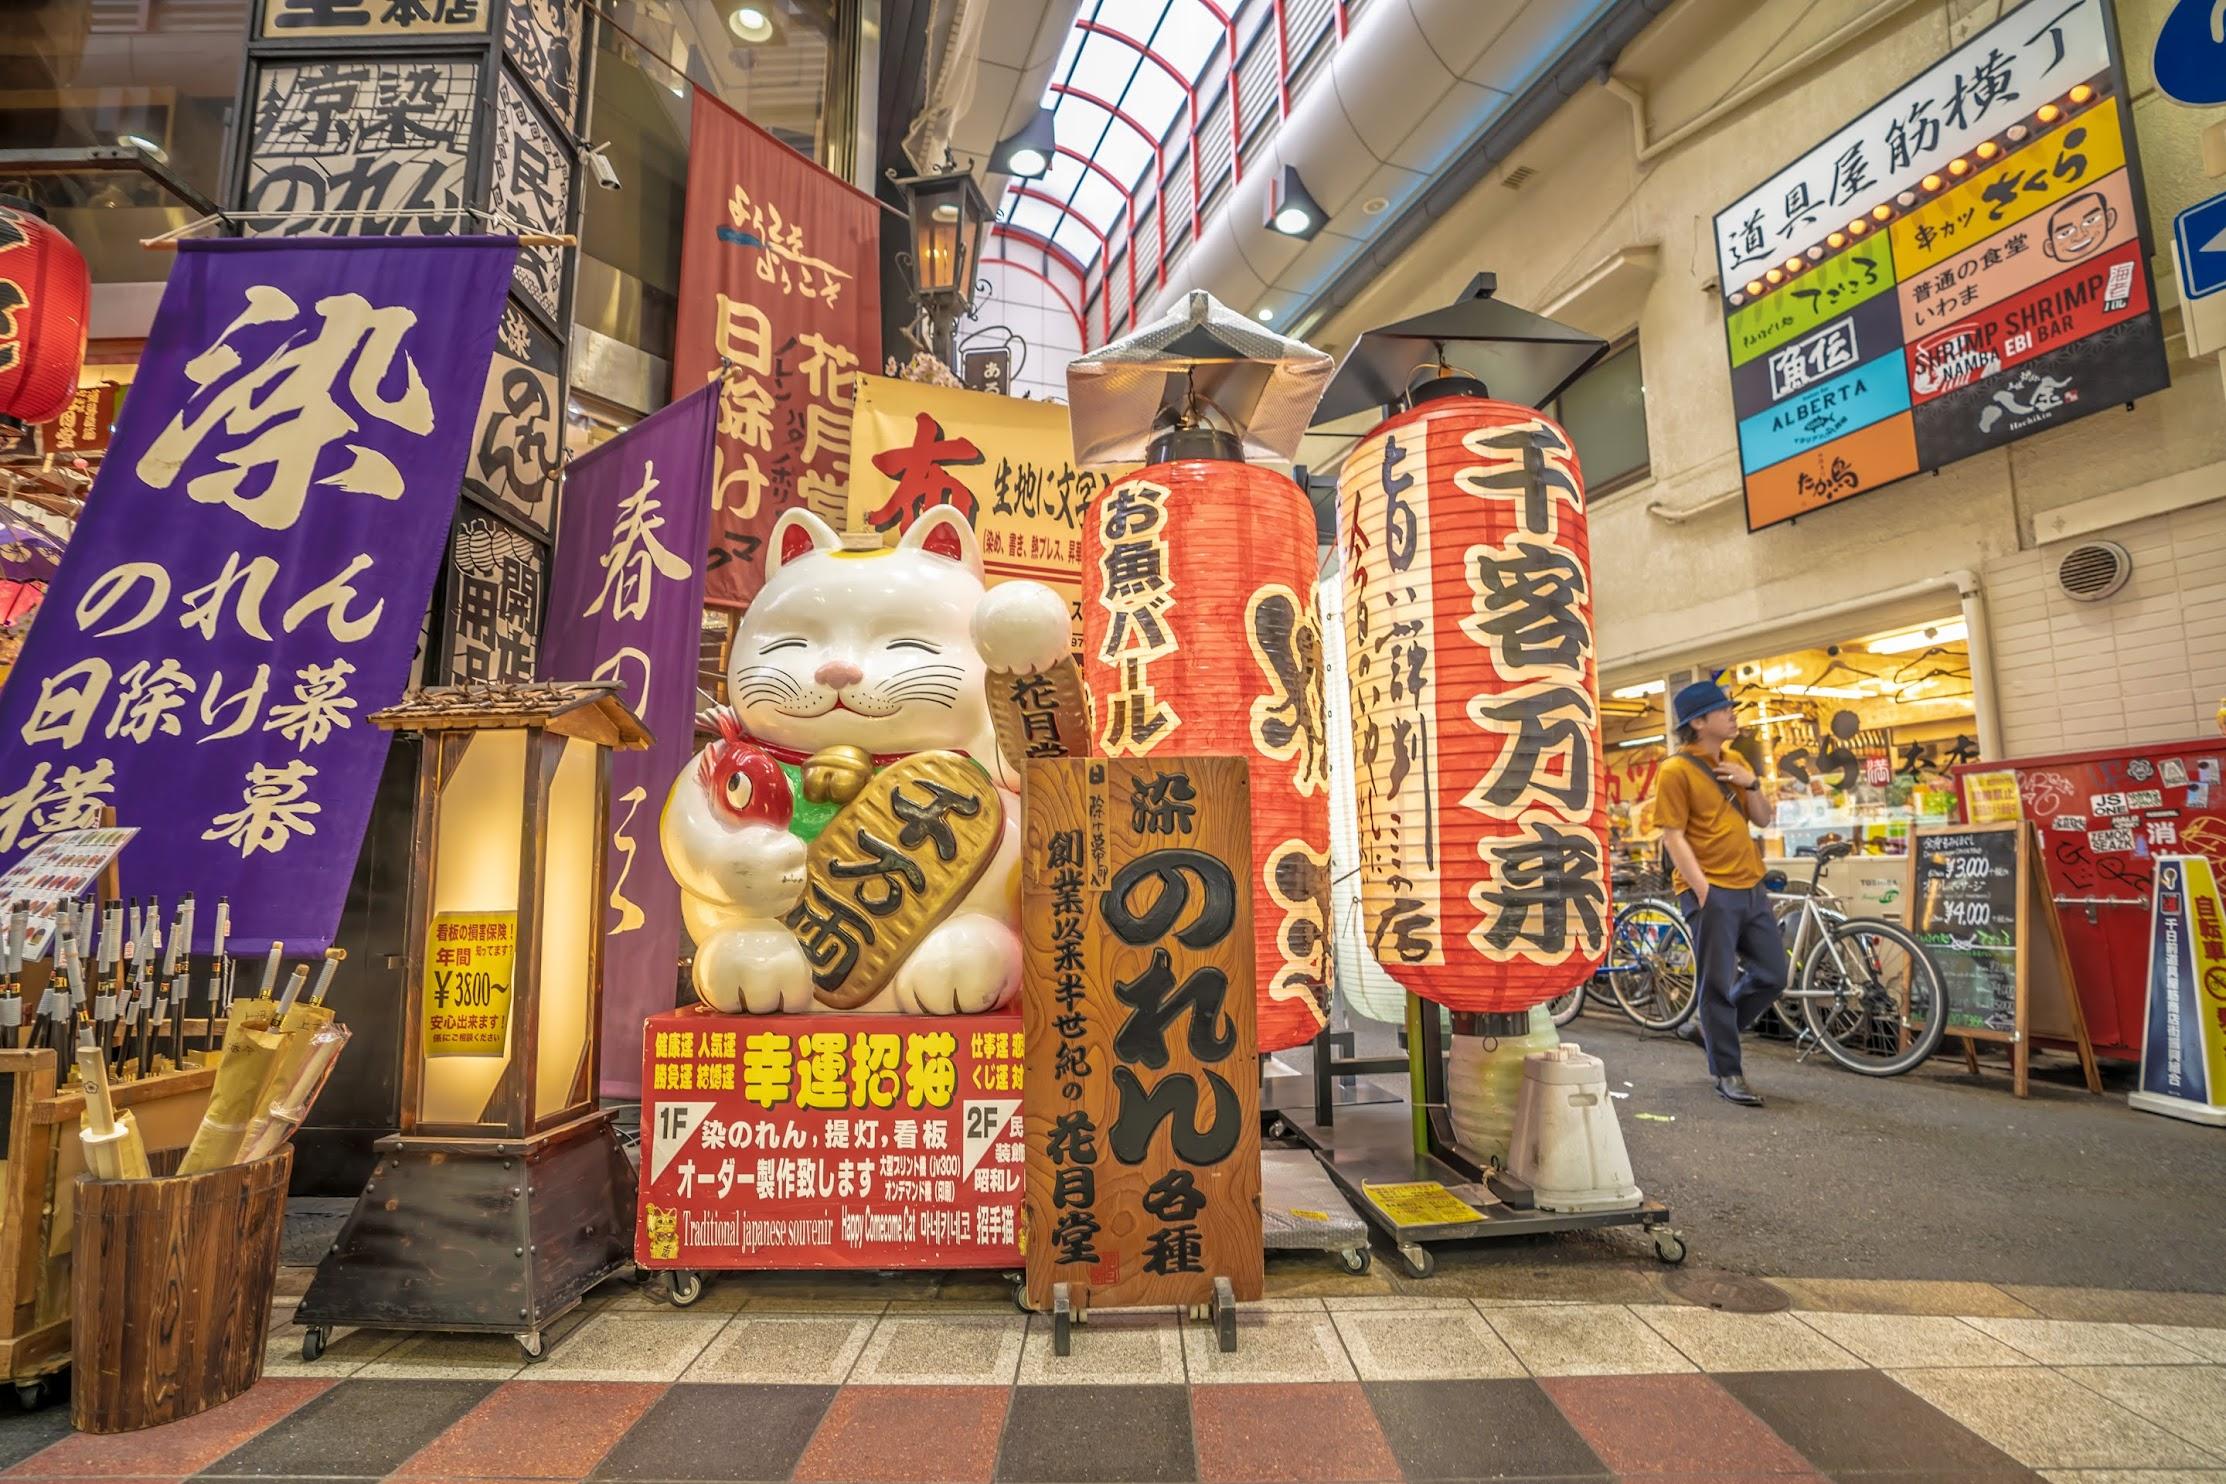 大阪 千日前道具屋筋商店街 招き猫